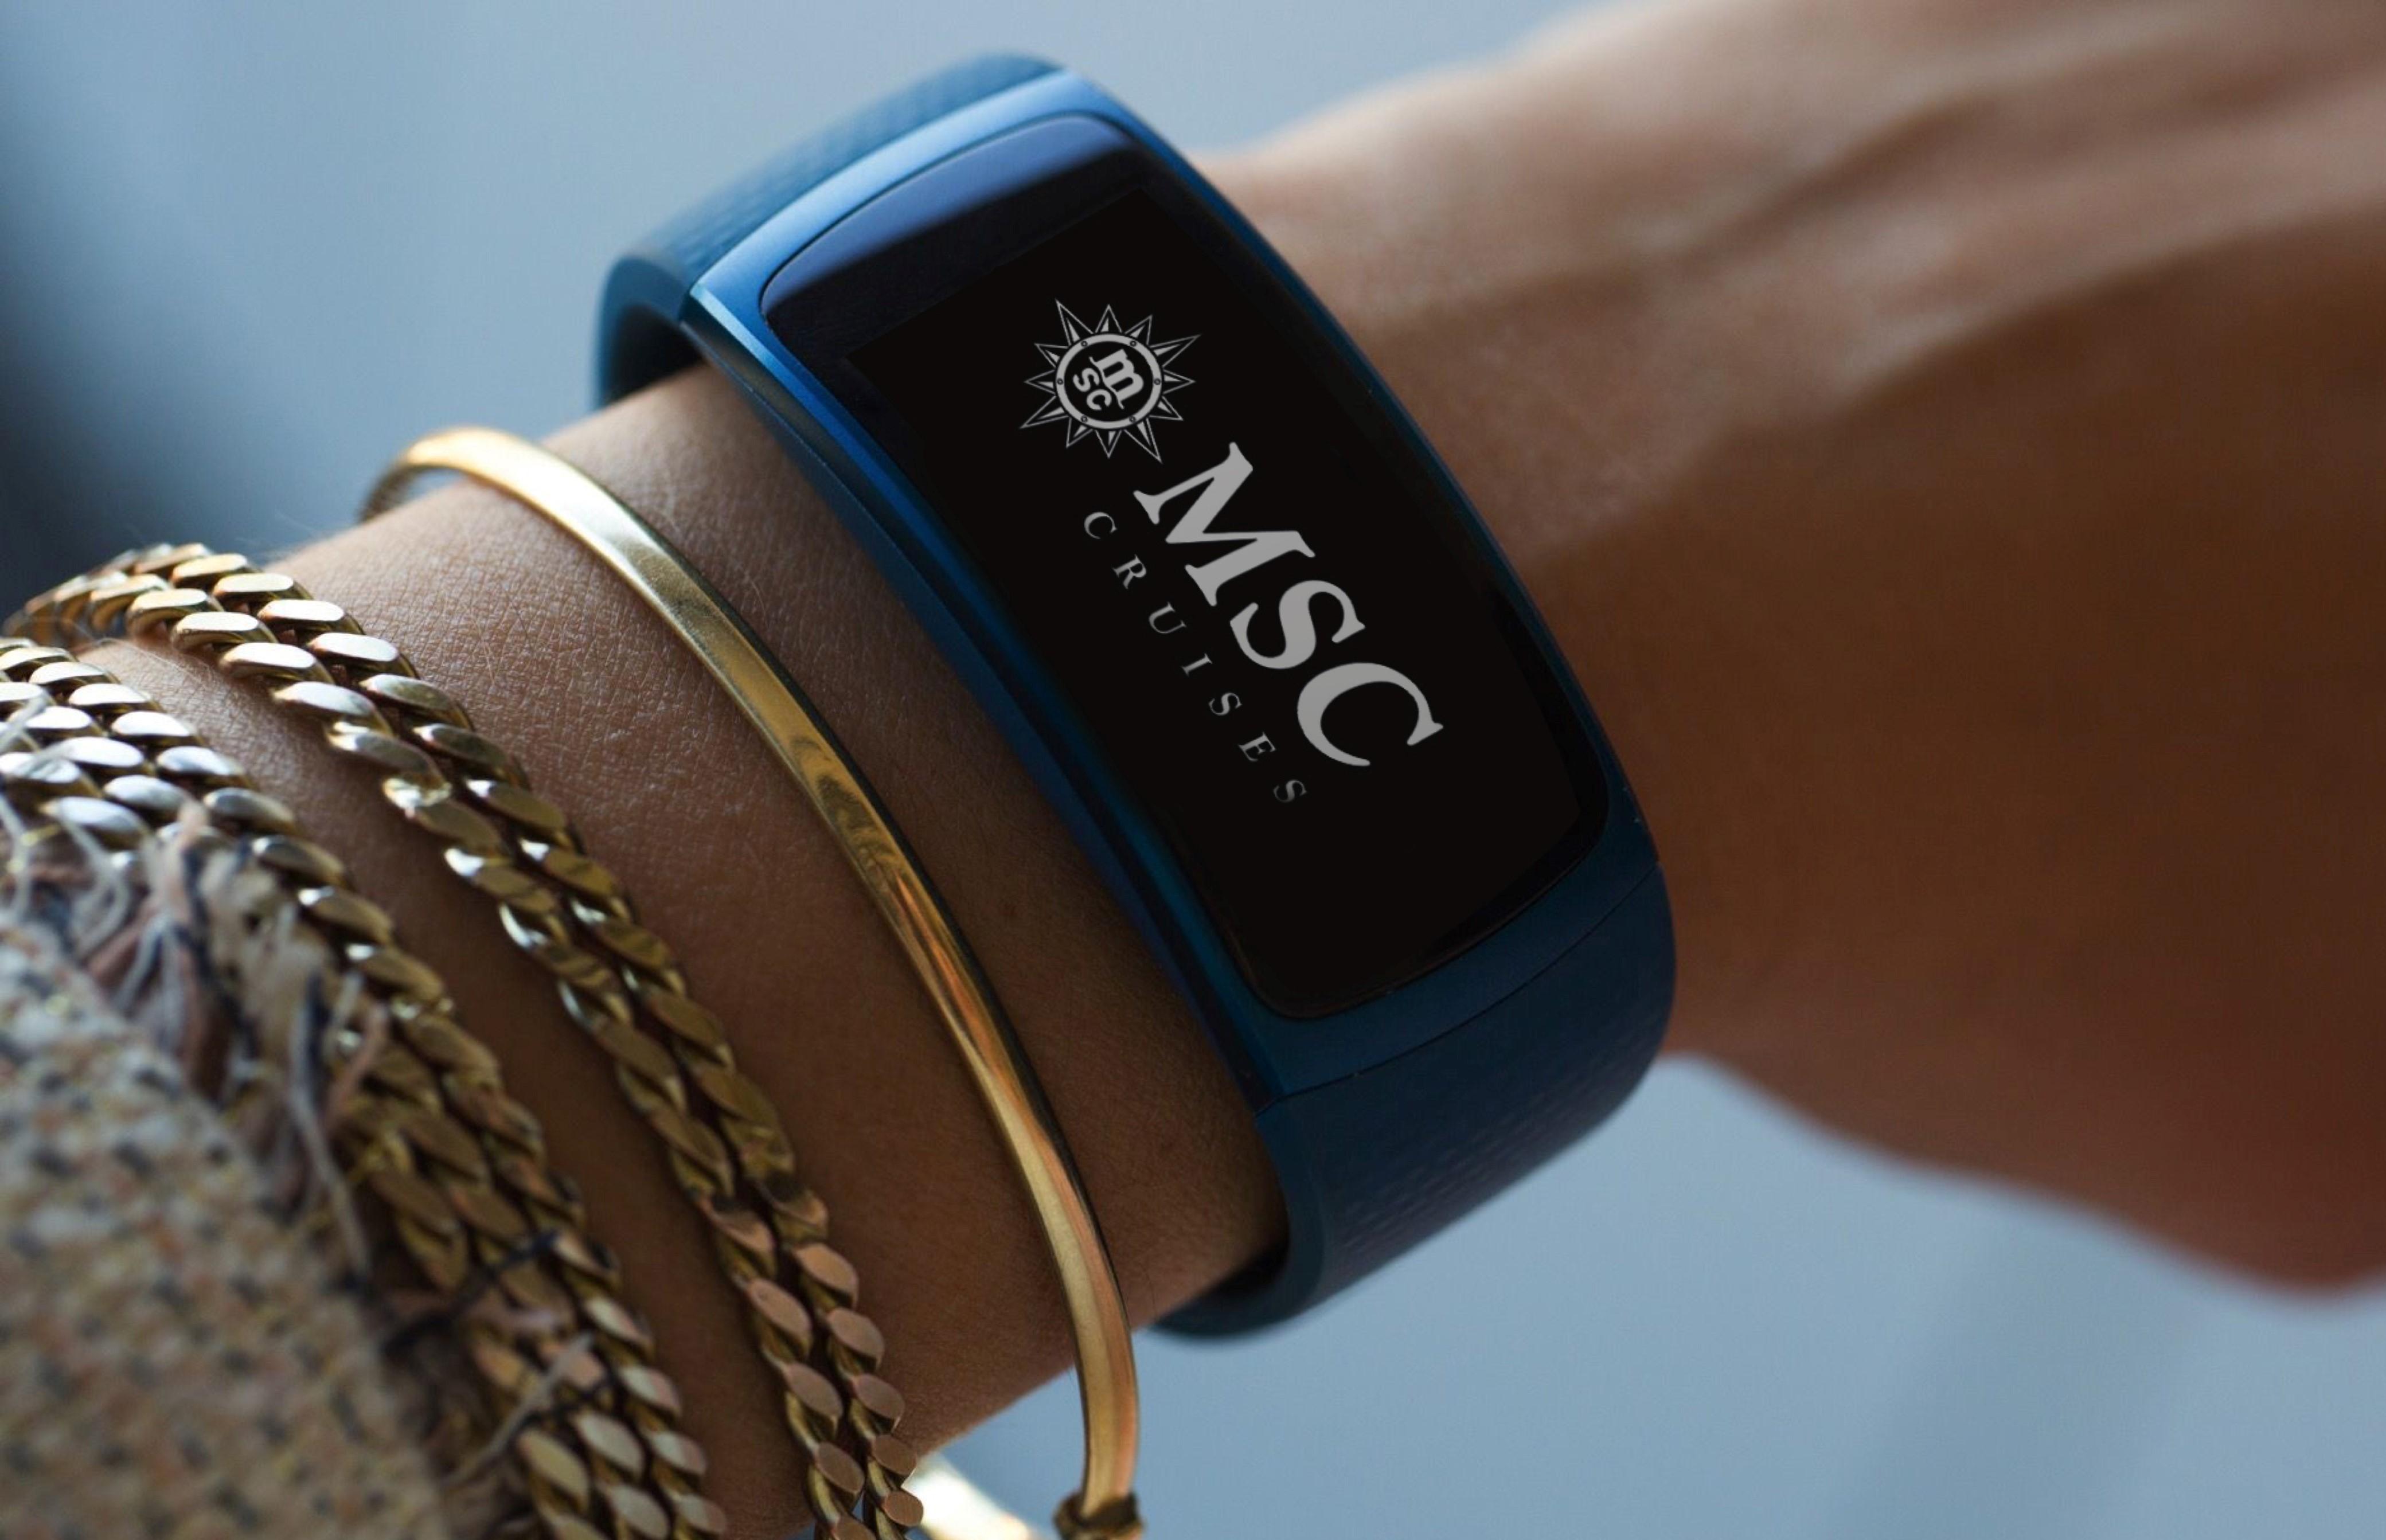 Il braccialetto smart in dotazione ai passeggeri